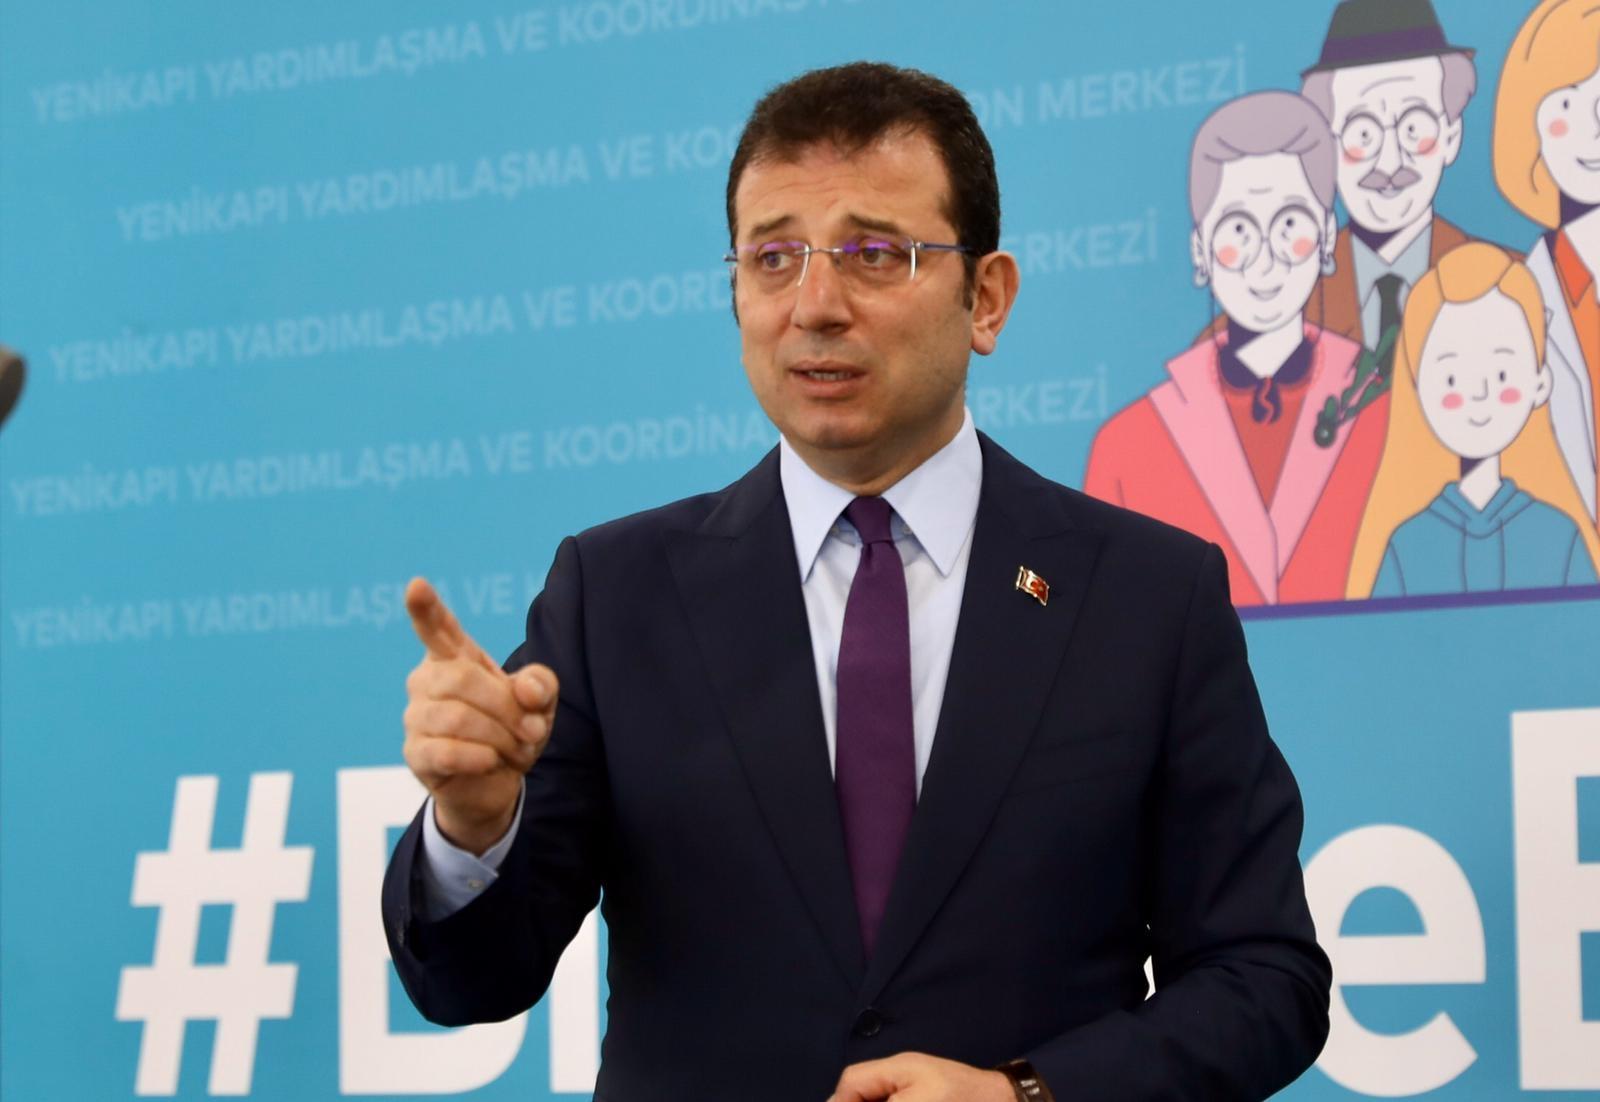 İMAMOĞLU'NDAN İSTANBULLULARA  ÖNEMLİ ÇAĞRI...